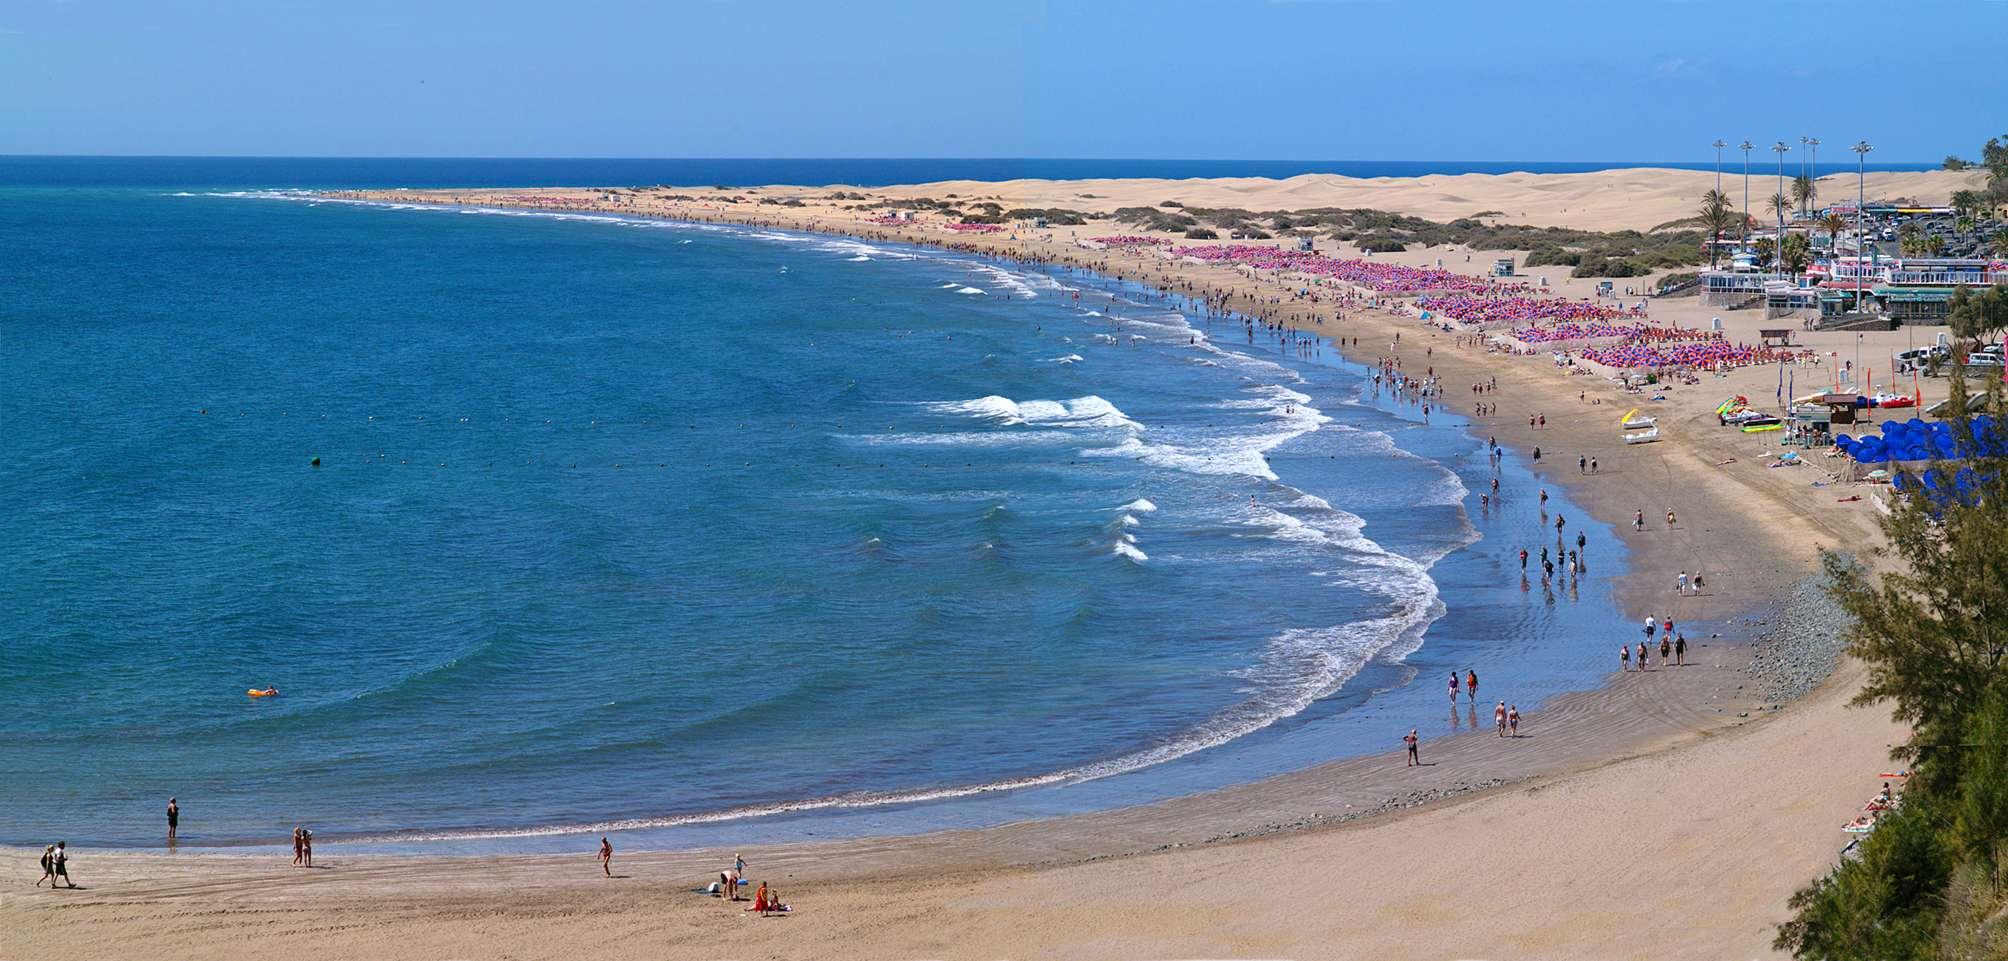 Fotos de la playa del ingles en gran canaria 33